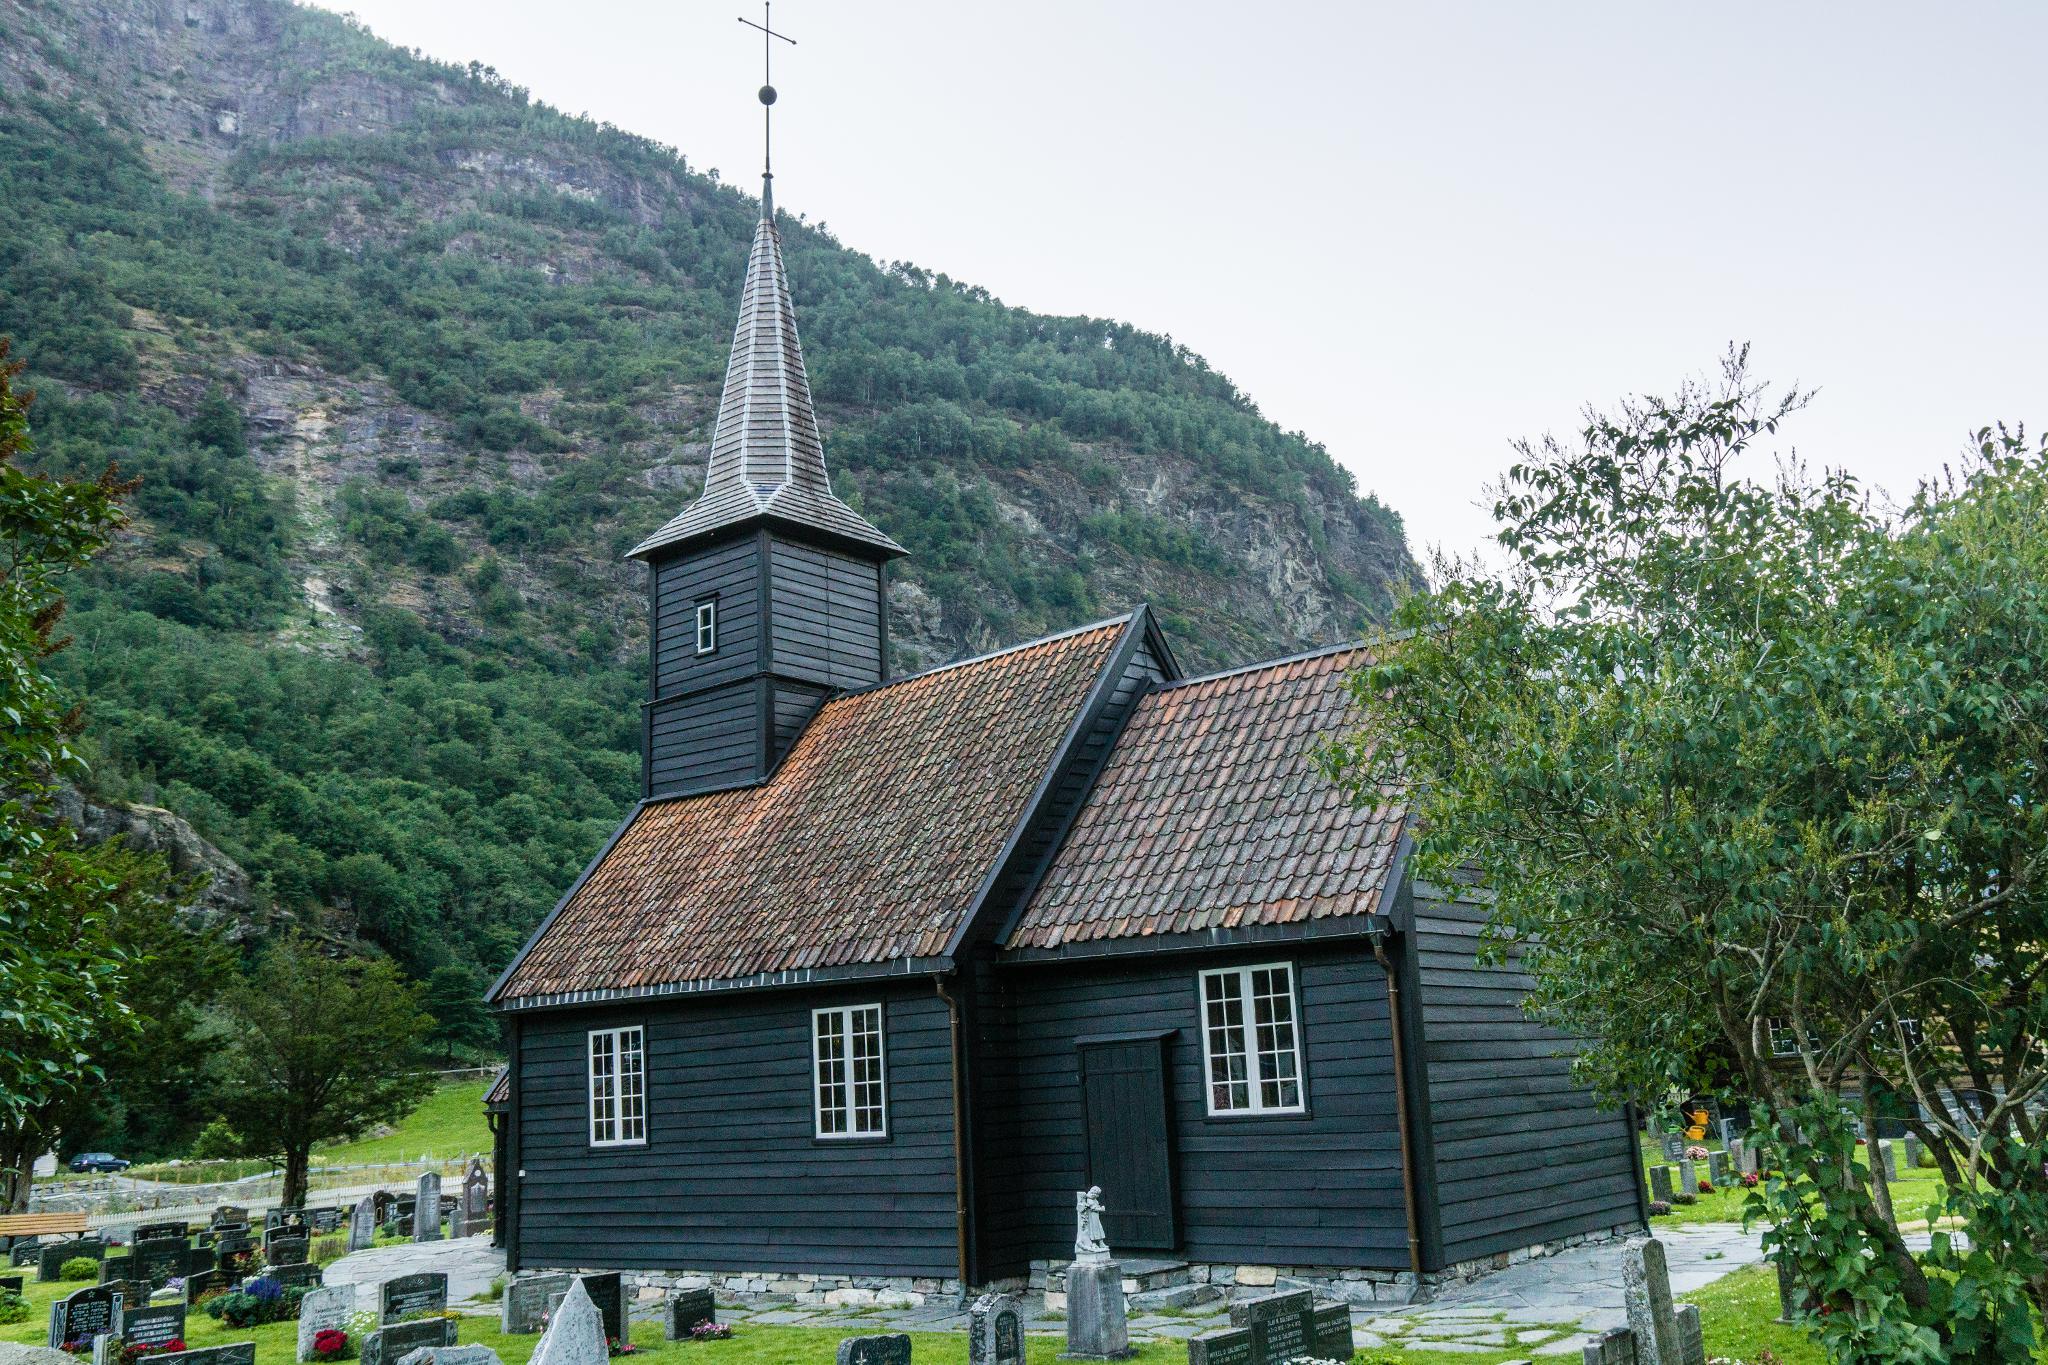 【北歐景點】Flåm 弗洛姆小鎮 — 挪威縮影的重要轉運站 (Flåm Camping與松恩峽灣渡輪介紹) 12